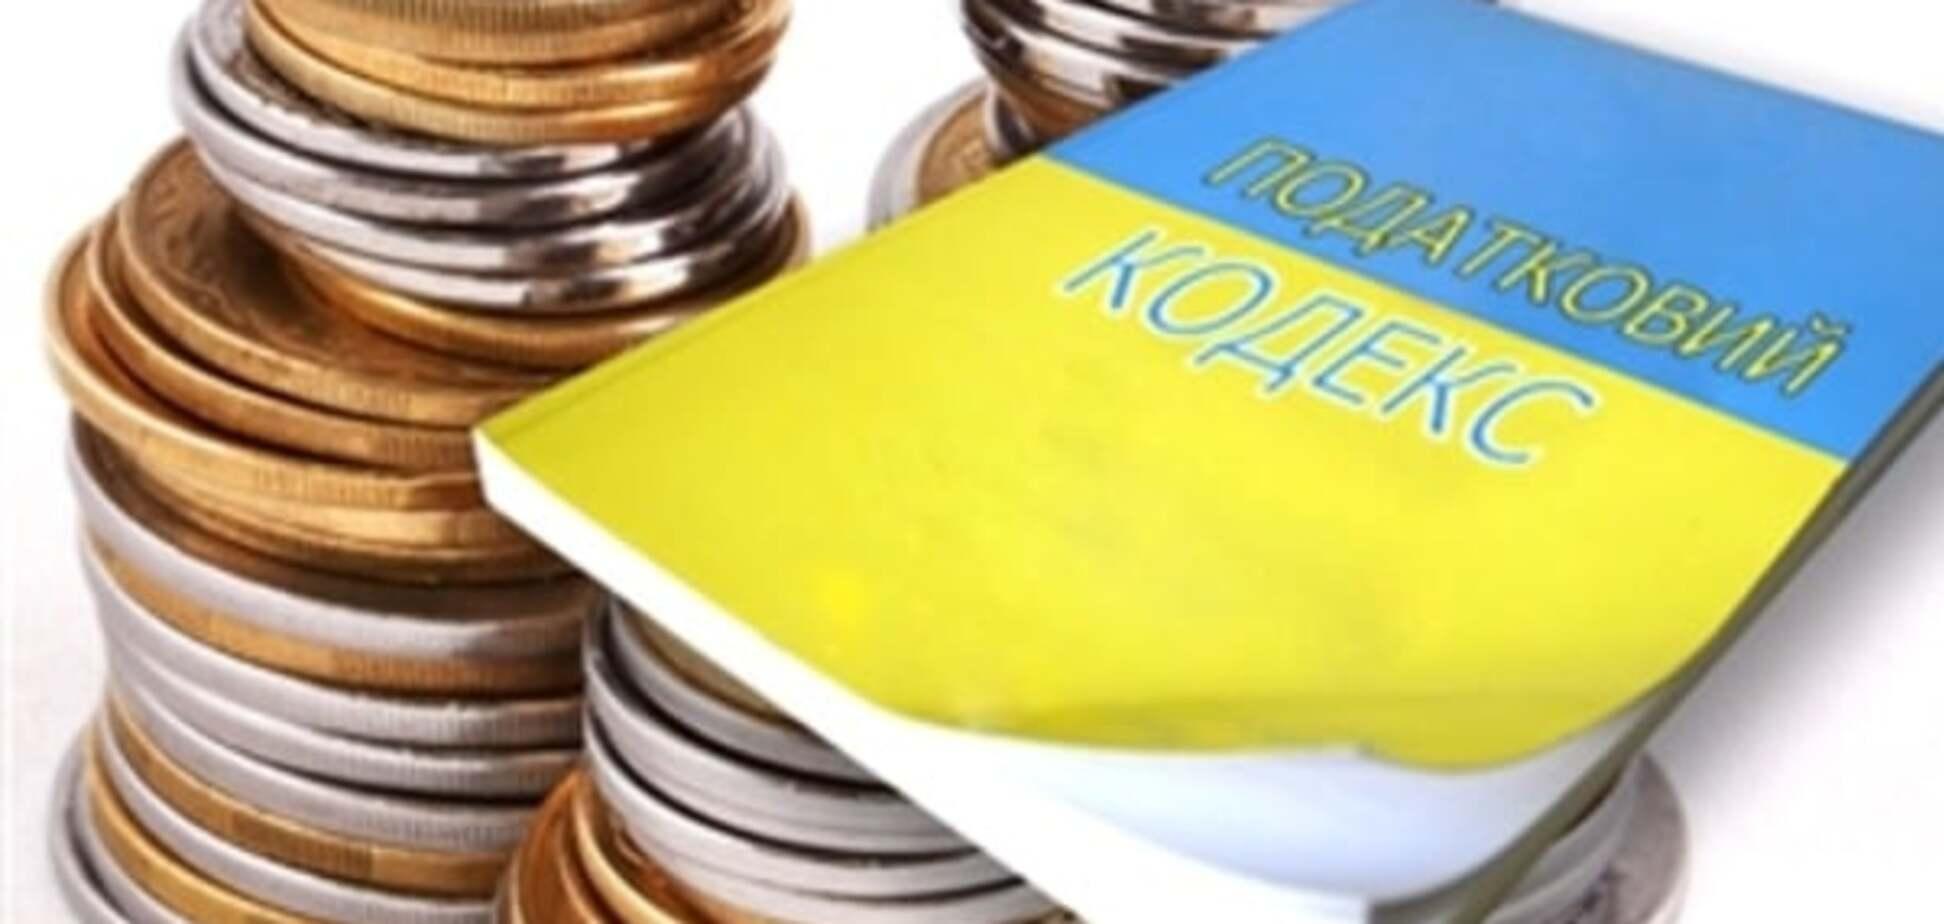 Експерт розповів про нові податки в Україні